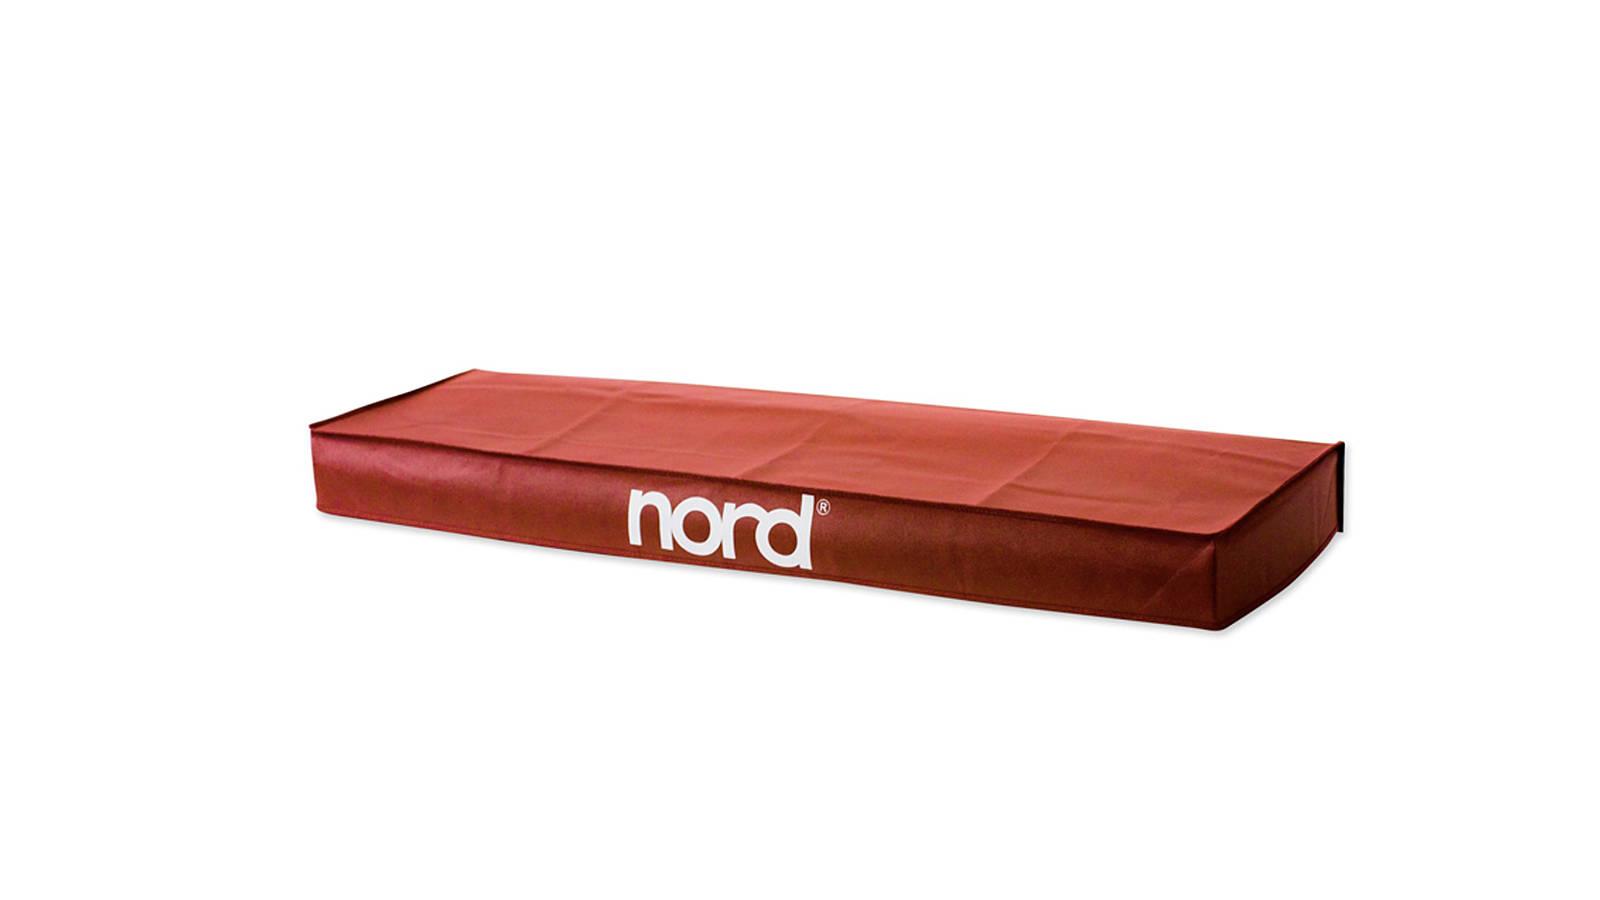 Clavia Nord Dust Cover für Lead und Electro 3 61